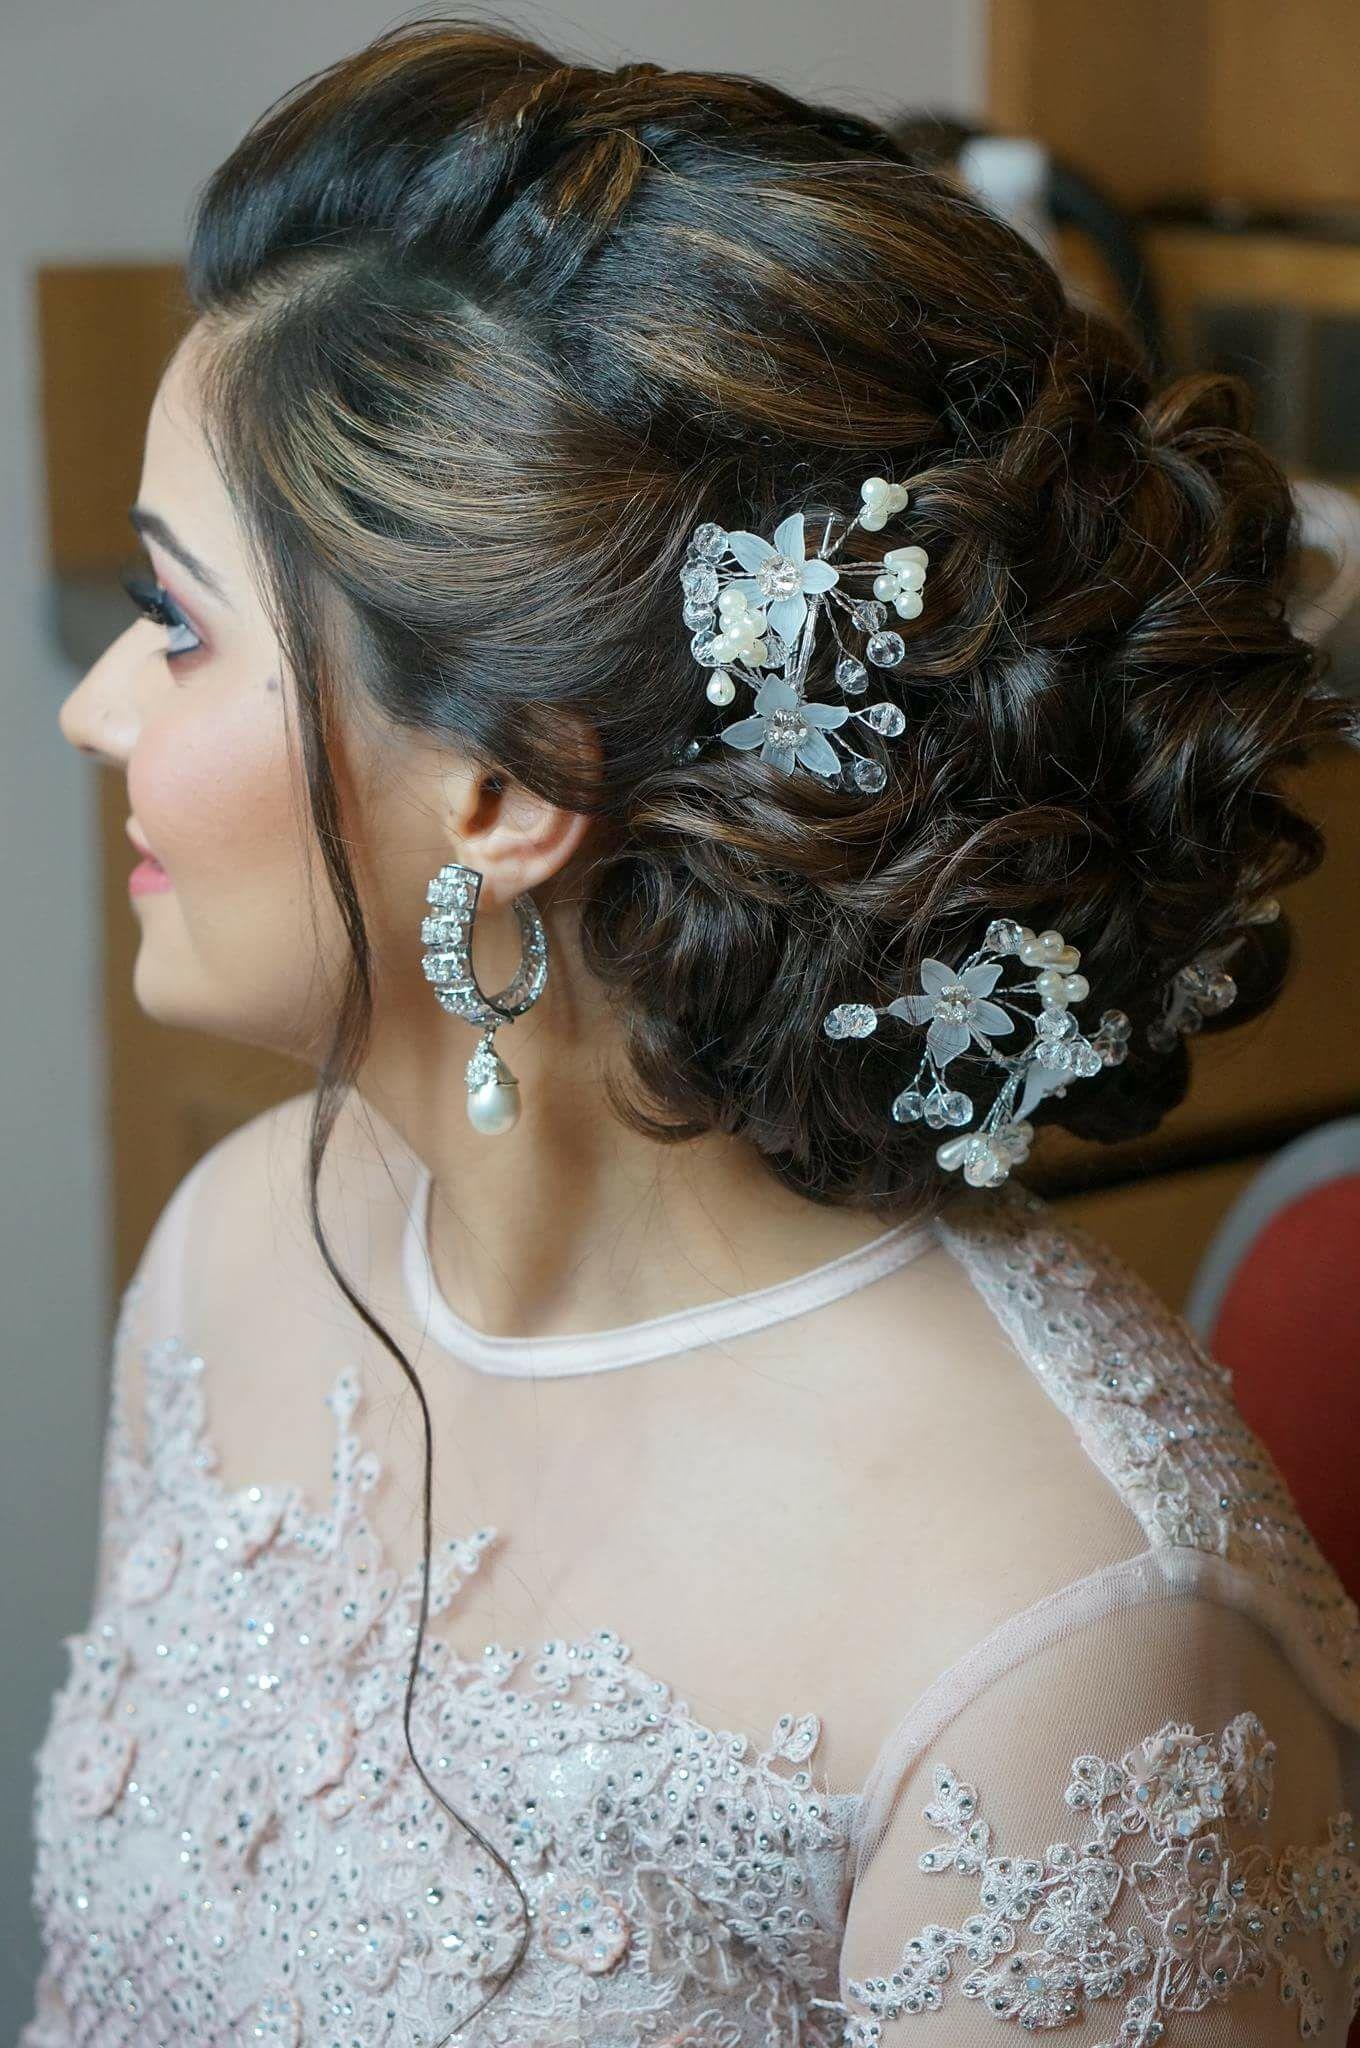 bespoke beauty 👰🏼💍💋💓nidhi looking flawless hair